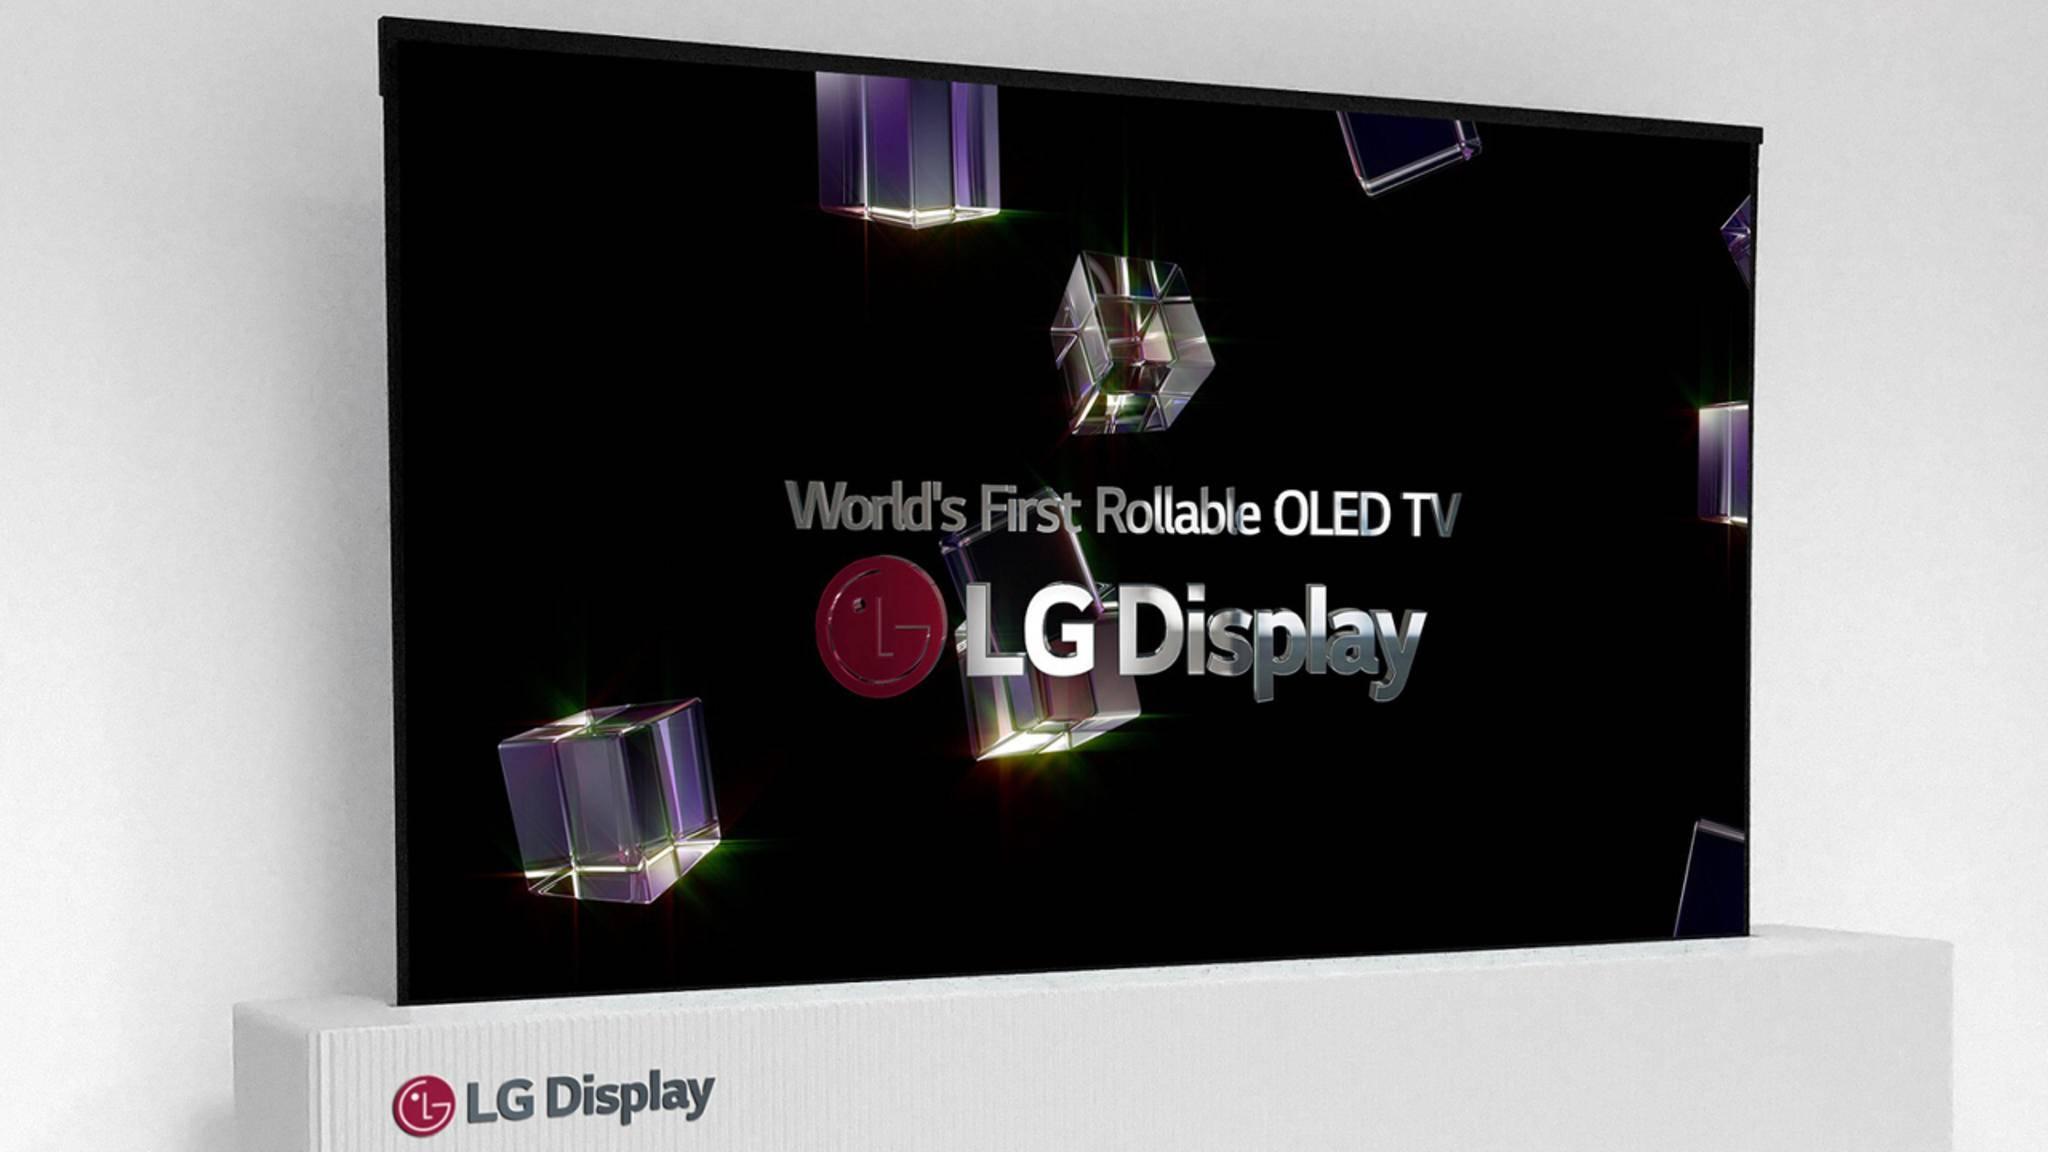 LG reiste mit einem aufrollbaren OLED-TV zur CES 2018.